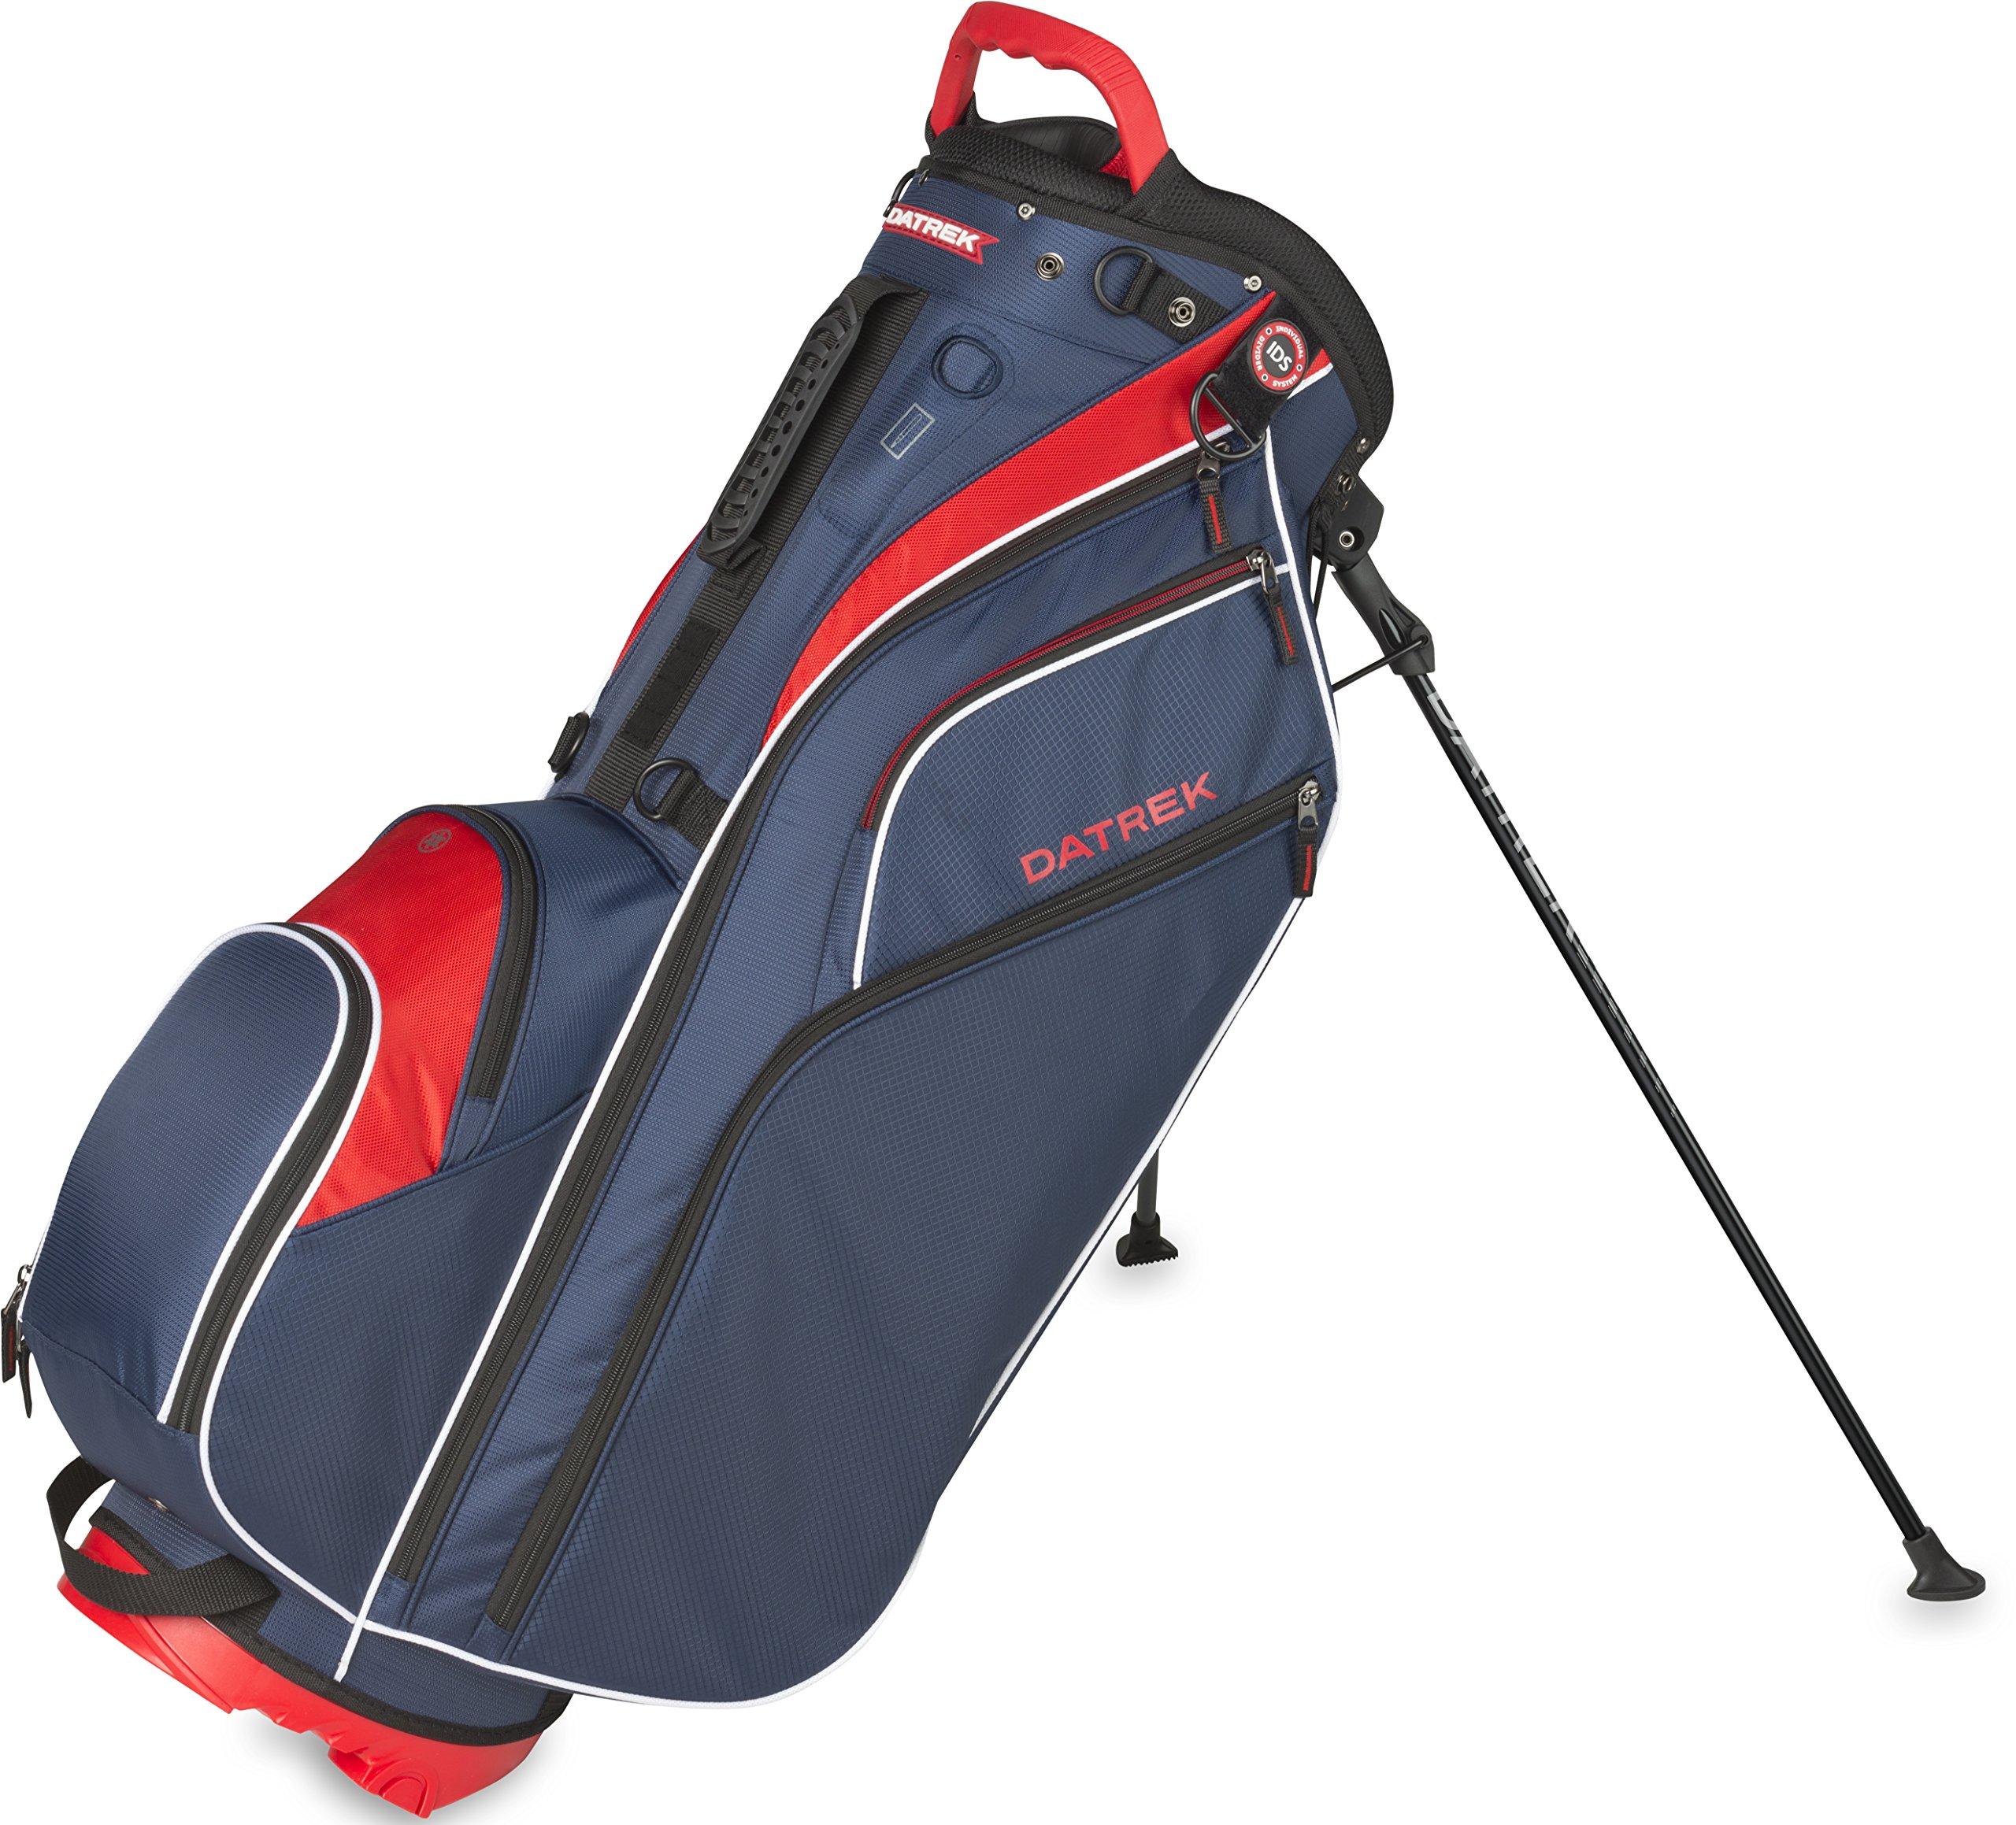 Datrek Golf Go Lite Hybrid Stand Bag (Red/White/Blue) by Datrek